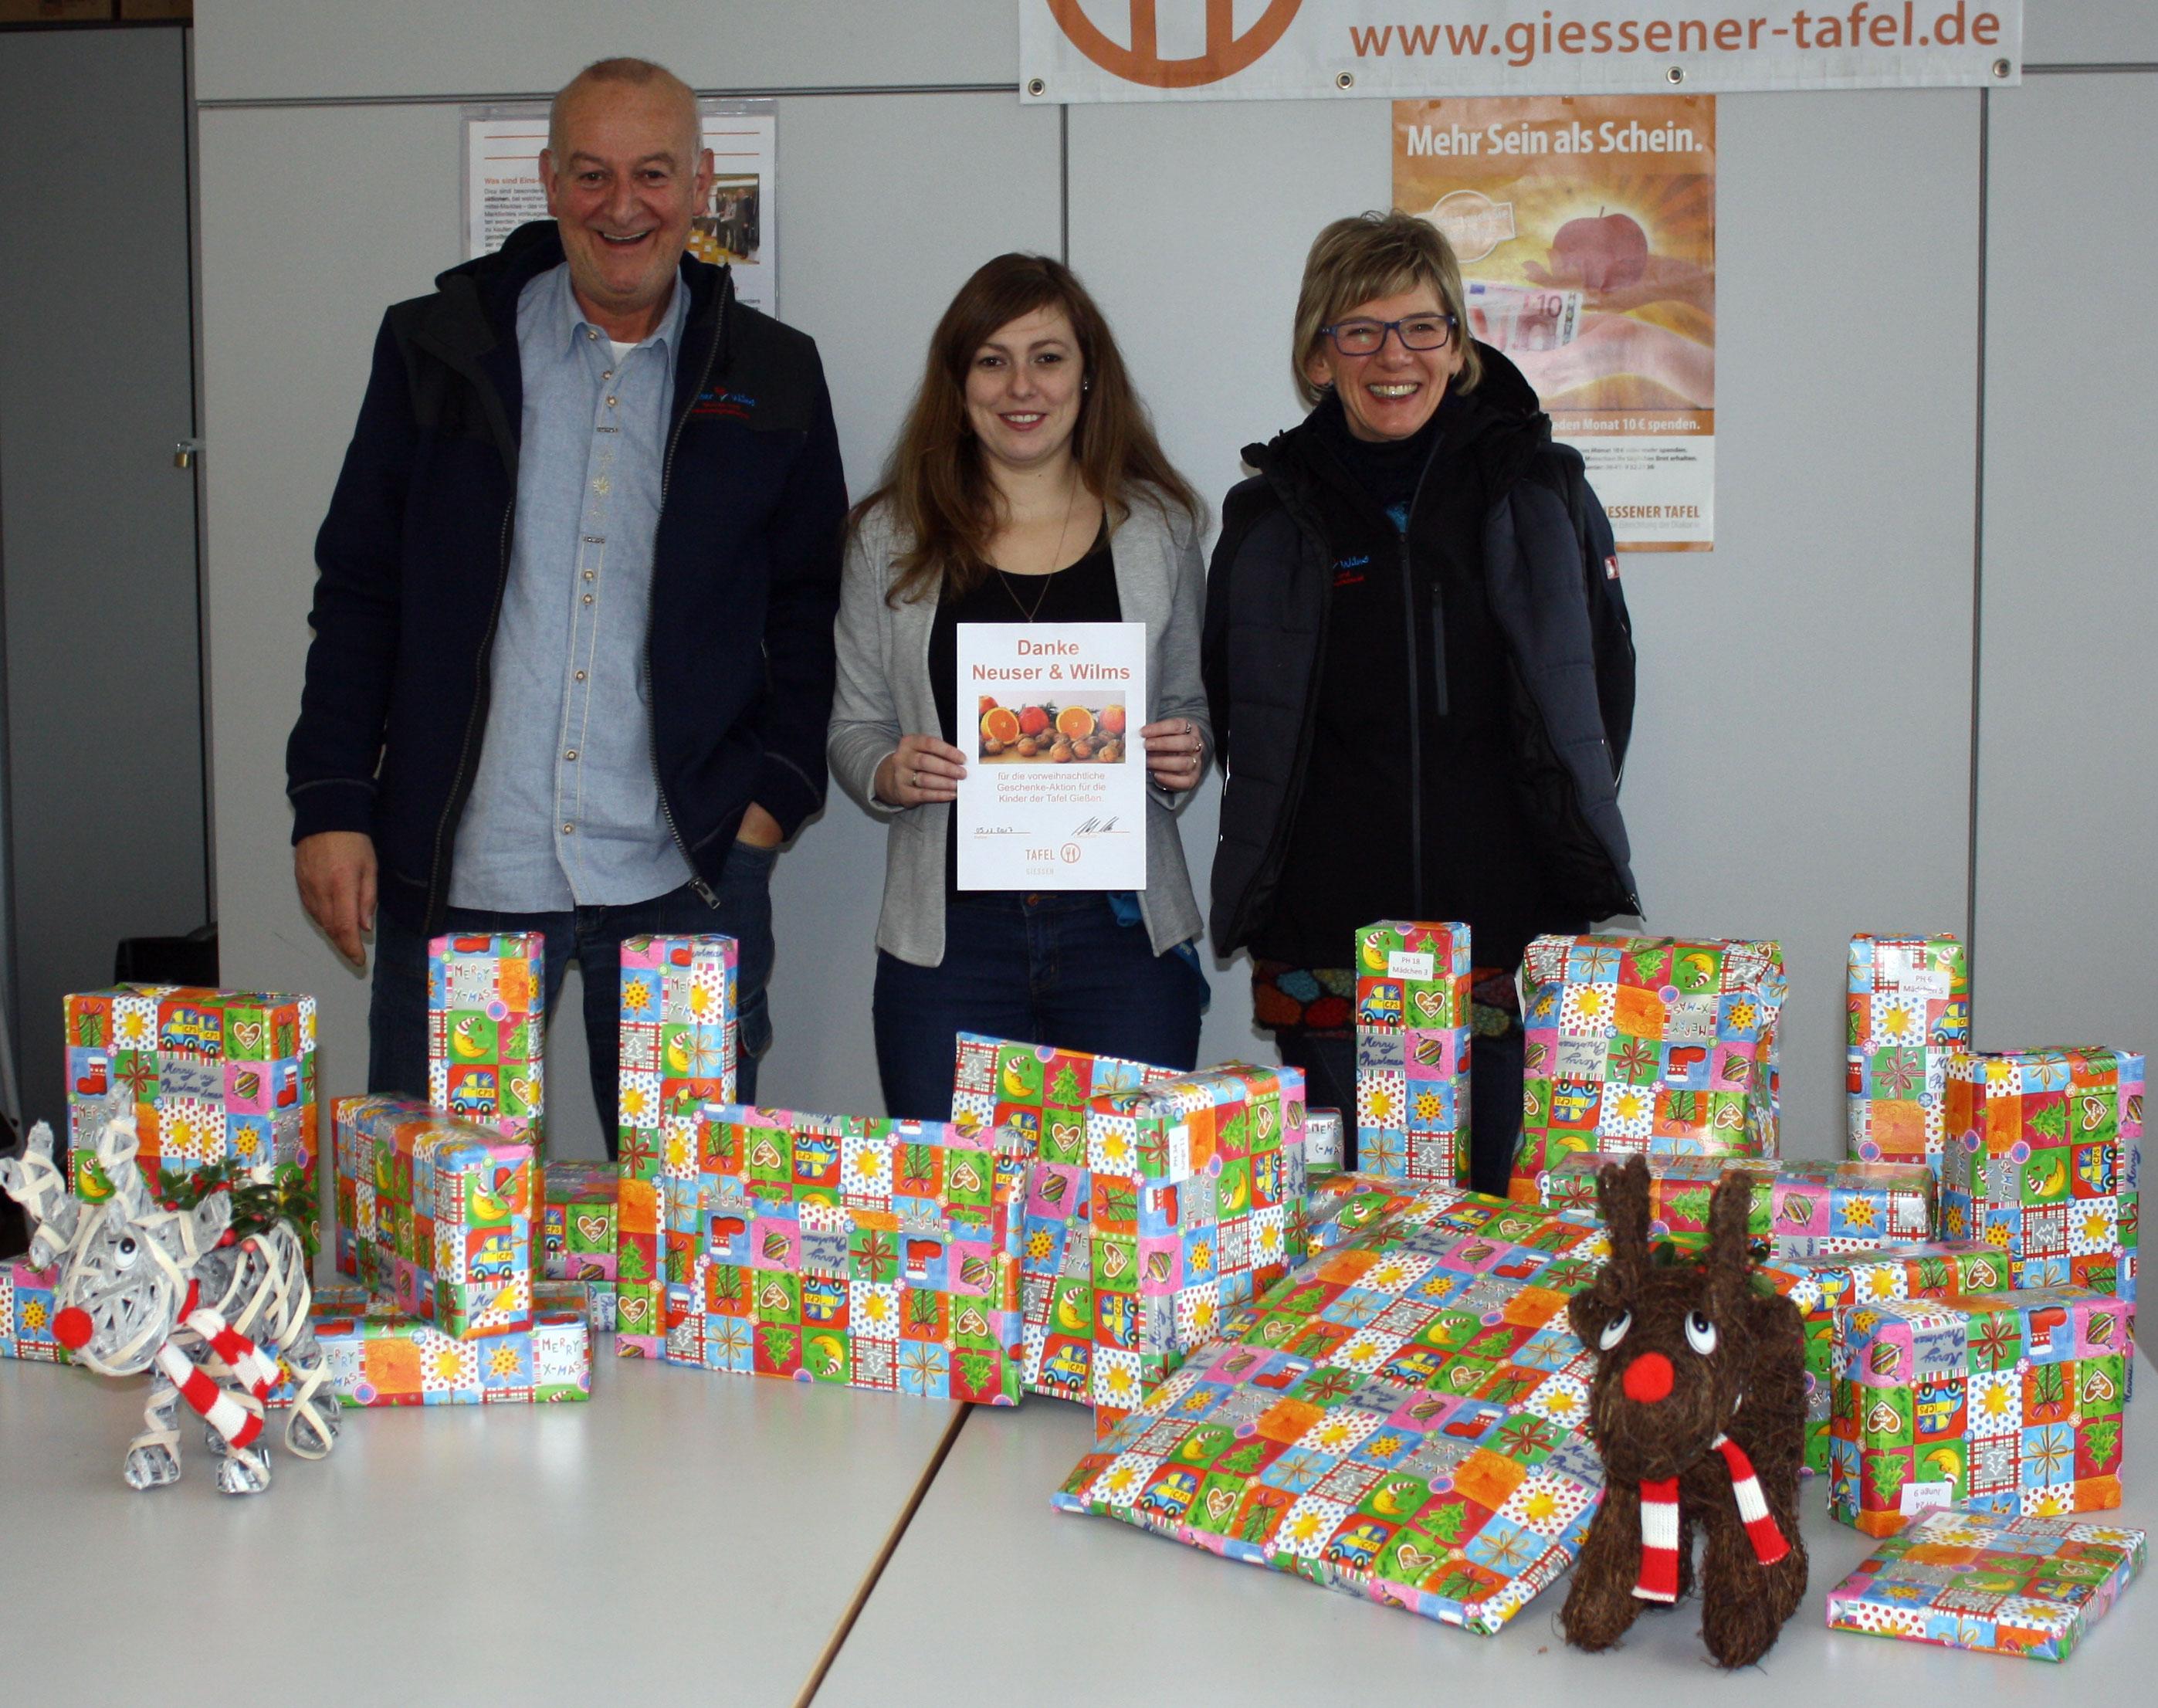 Ellen (r.) und Ralf Wilms (l.) vom Blumen- und Pflanzengroßhandel Neuser & Wilms bei der Übergabe der Geschenke an Anna Conrad (M.).